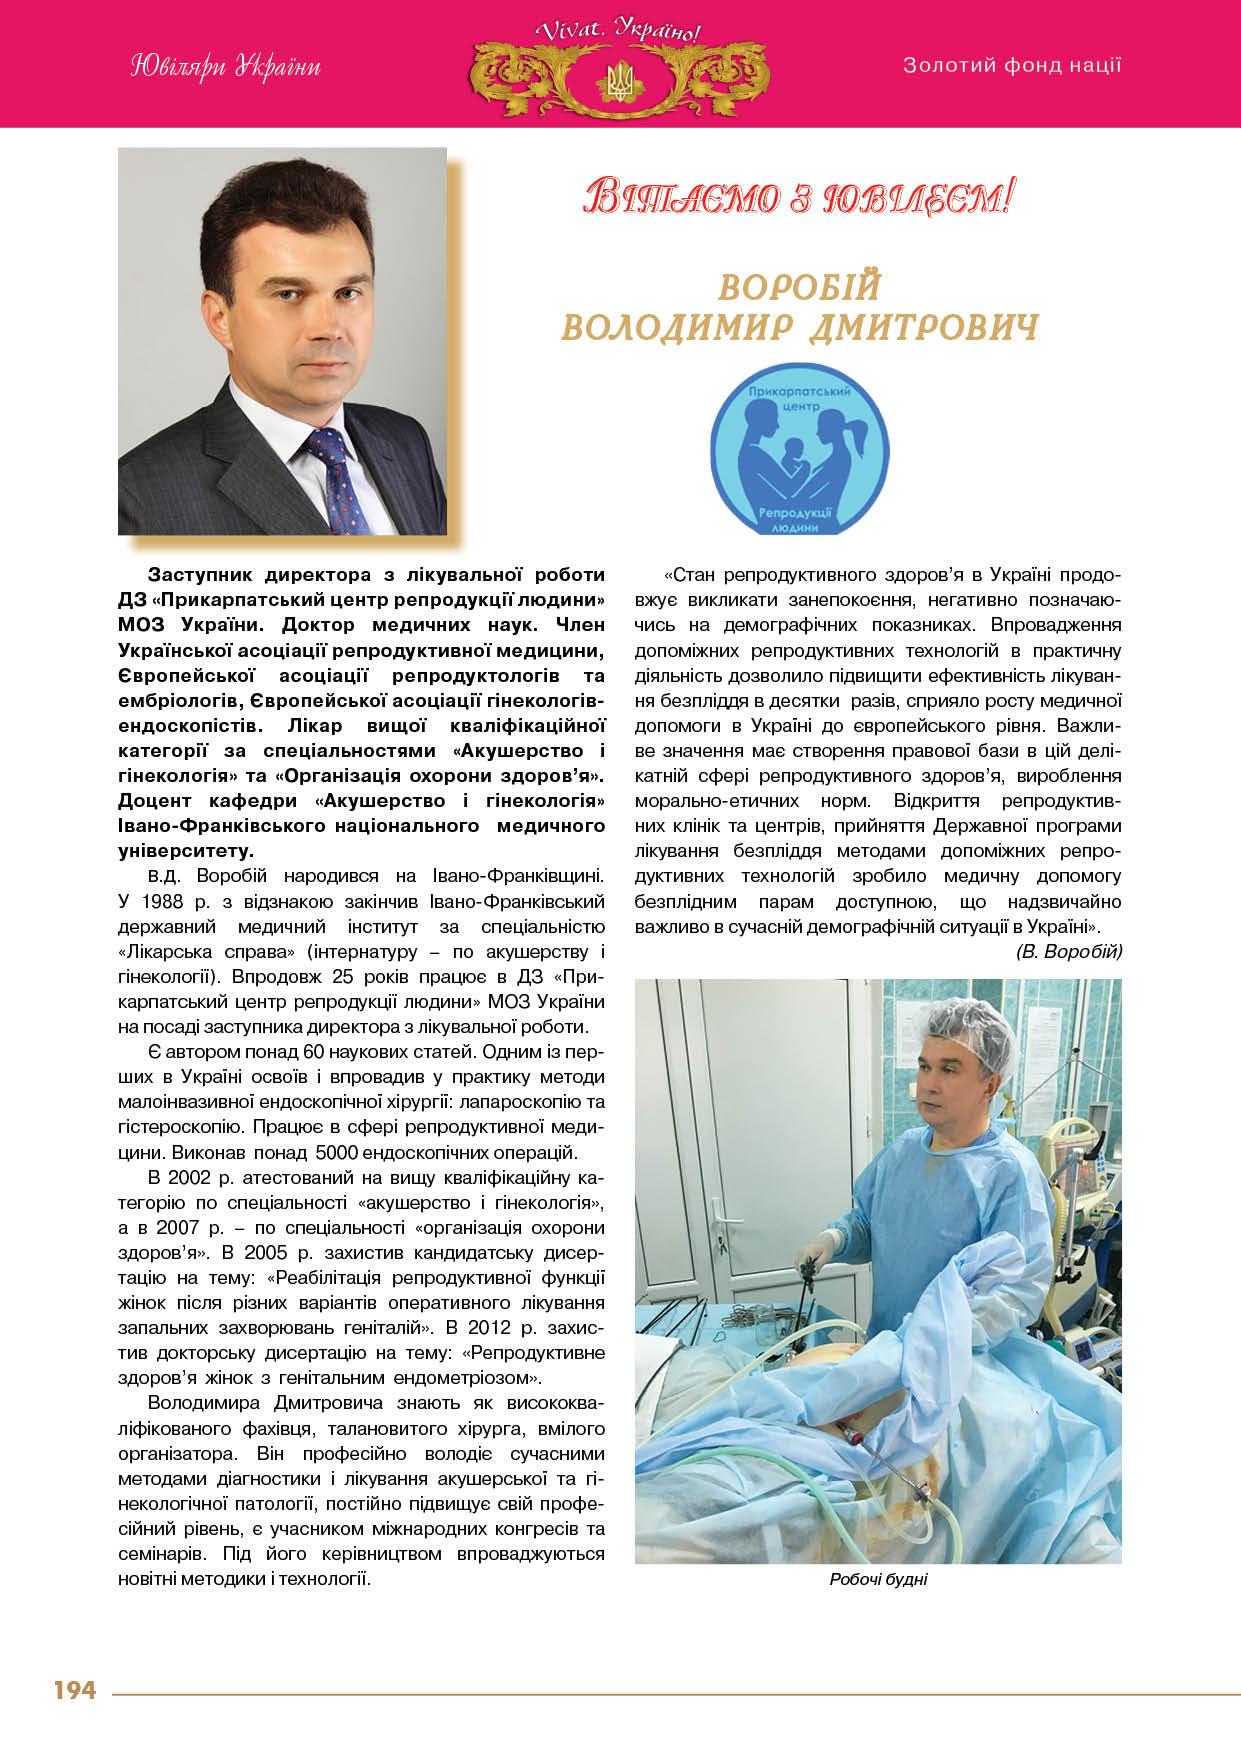 Воробій Володимир Дмитрович